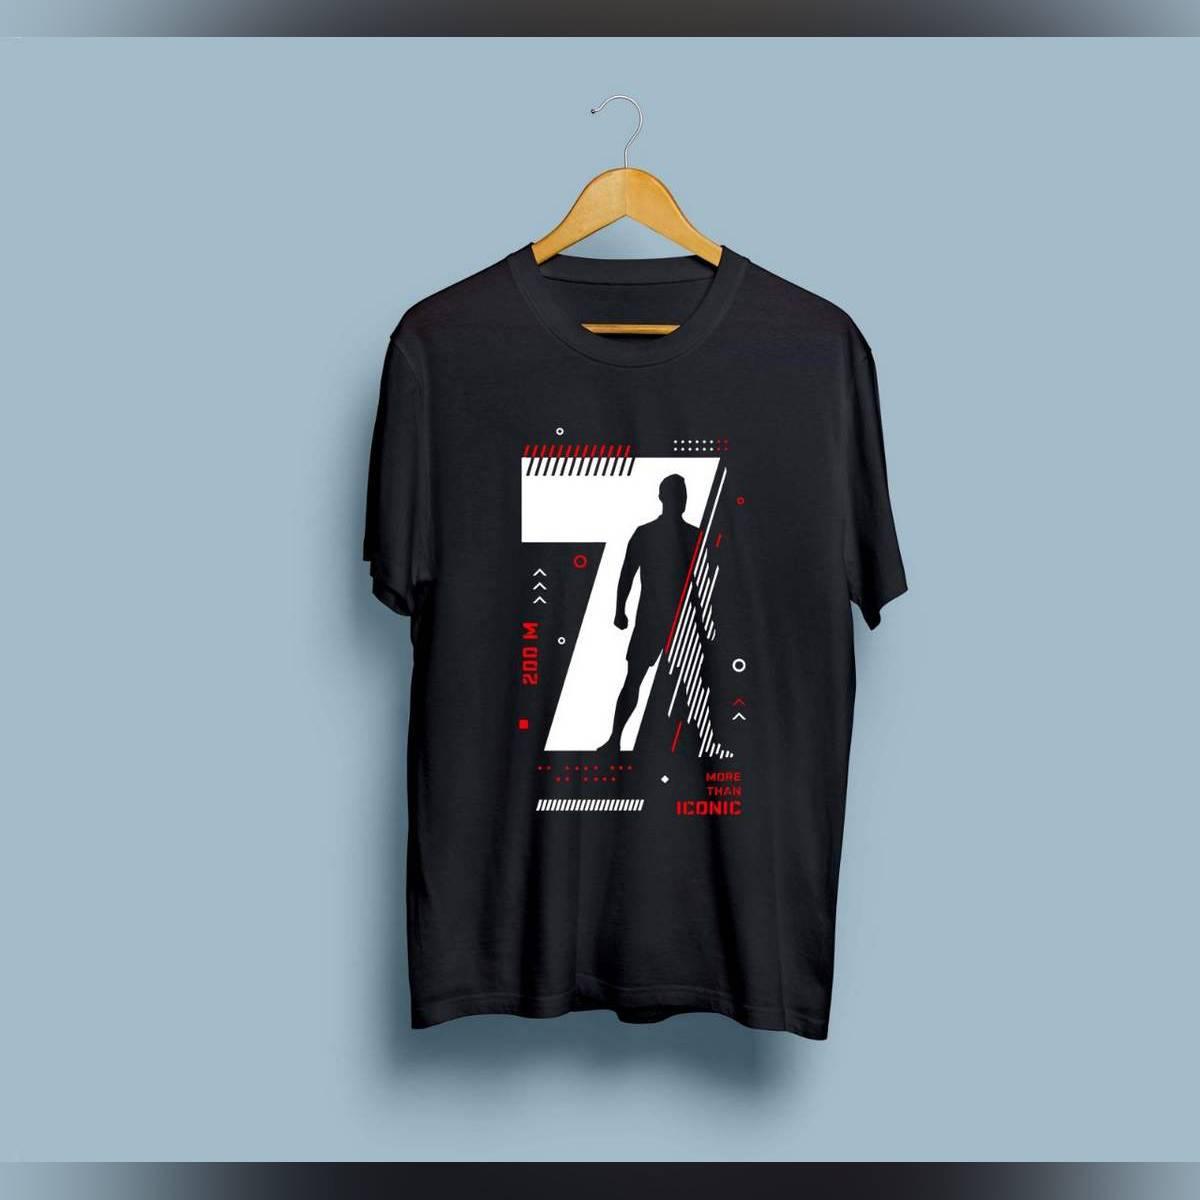 Trendyy Summer Printed T shirt Half sleeve for Men & Women